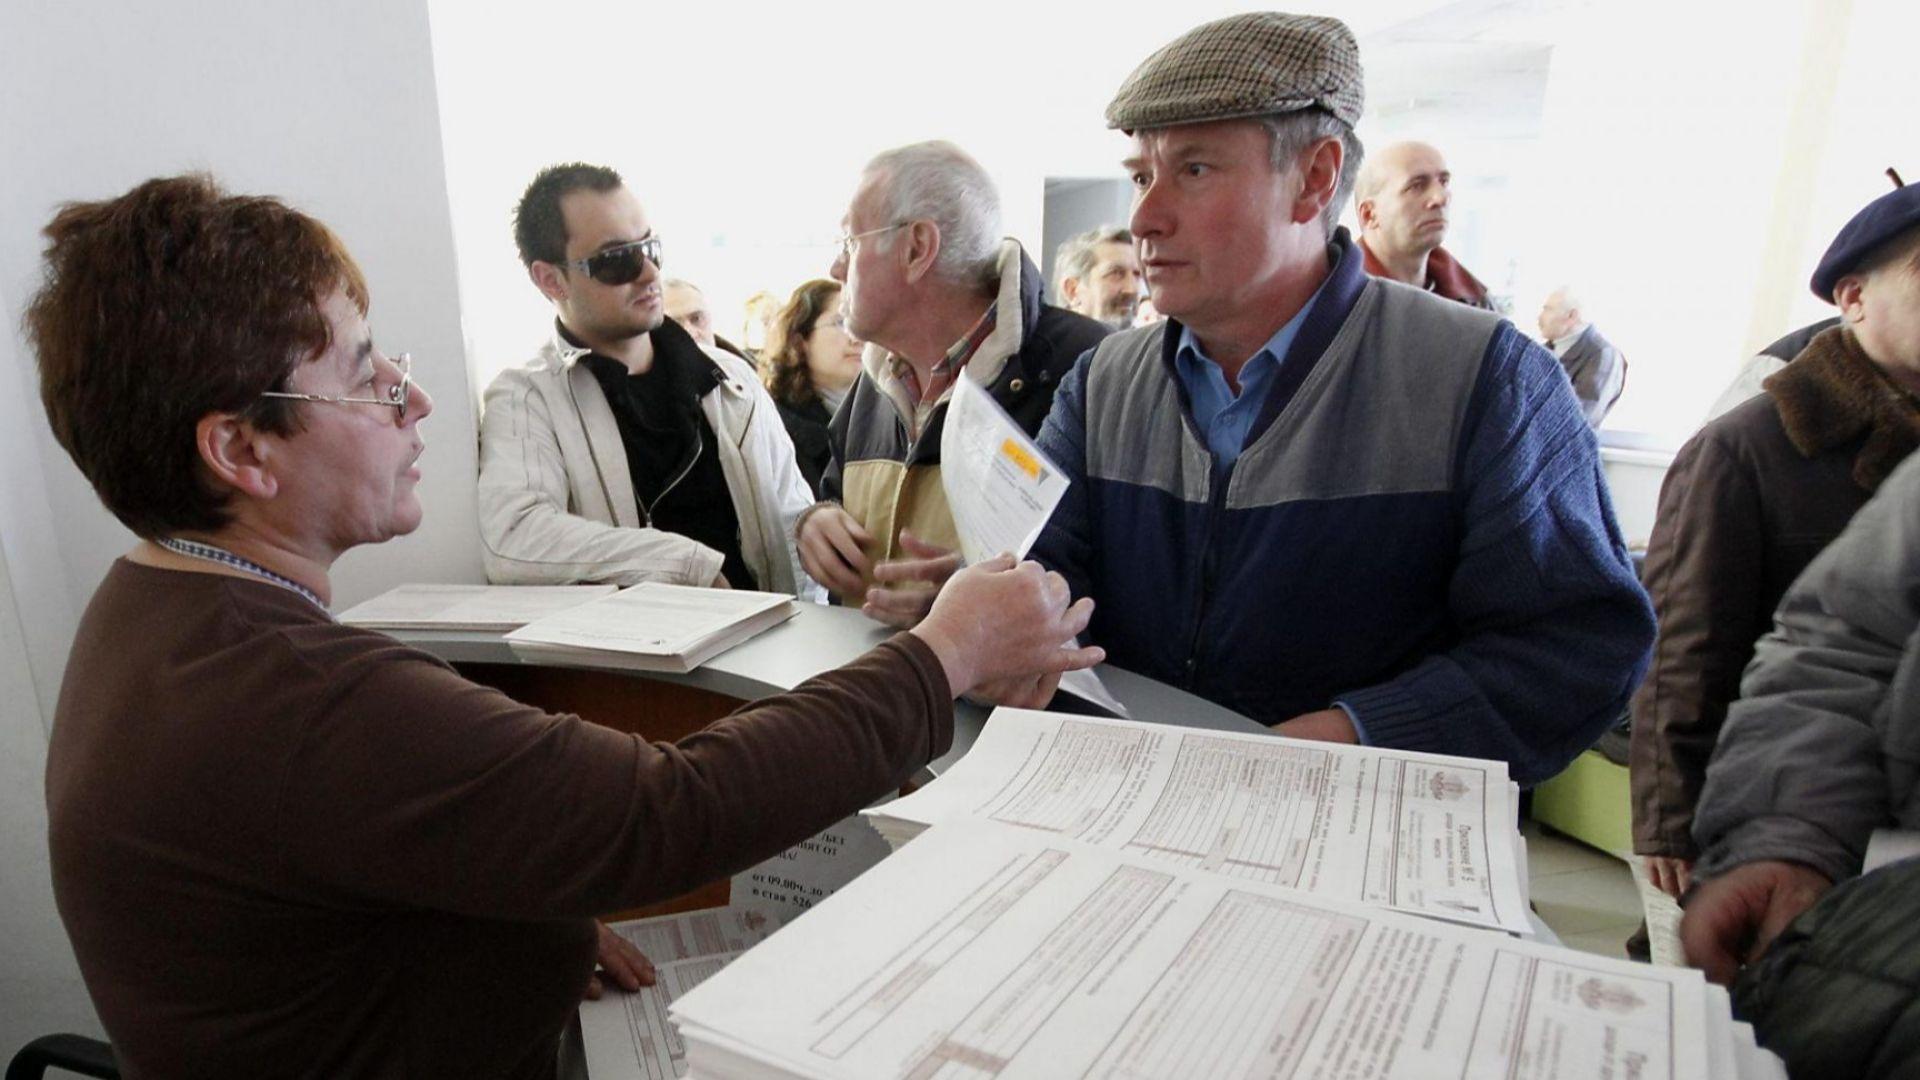 500 000 българи са се отчели на данъчните